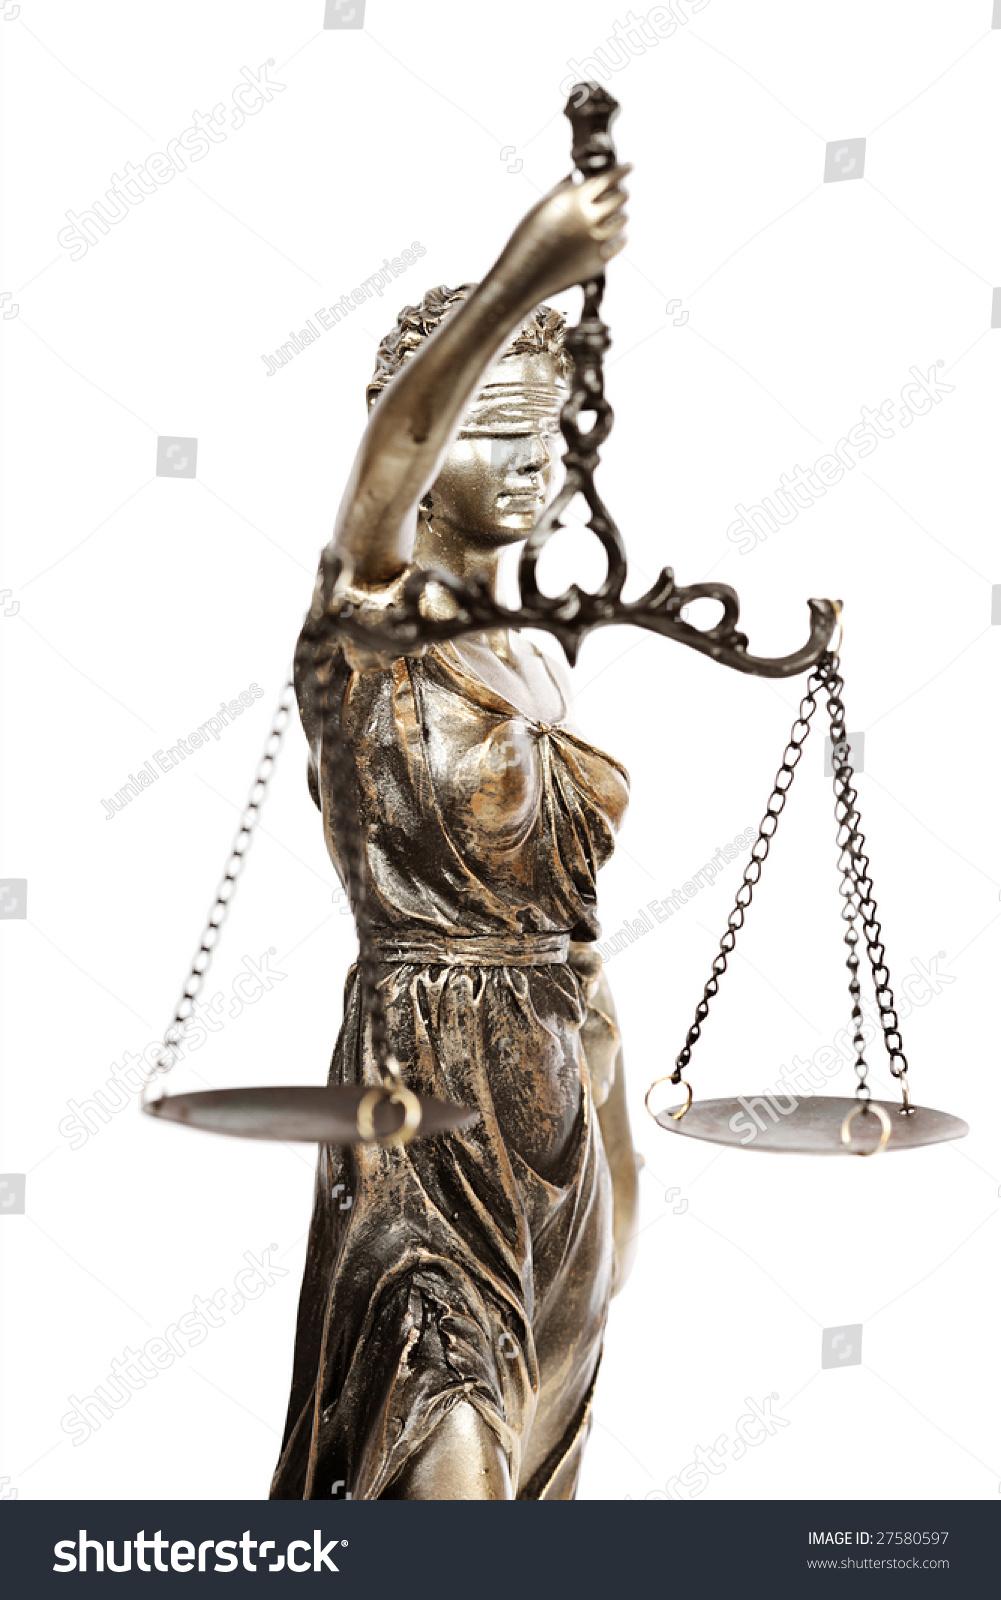 Blind lady justice holding her balance stock photo 27580597 blind lady justice holding up her balance scale buycottarizona